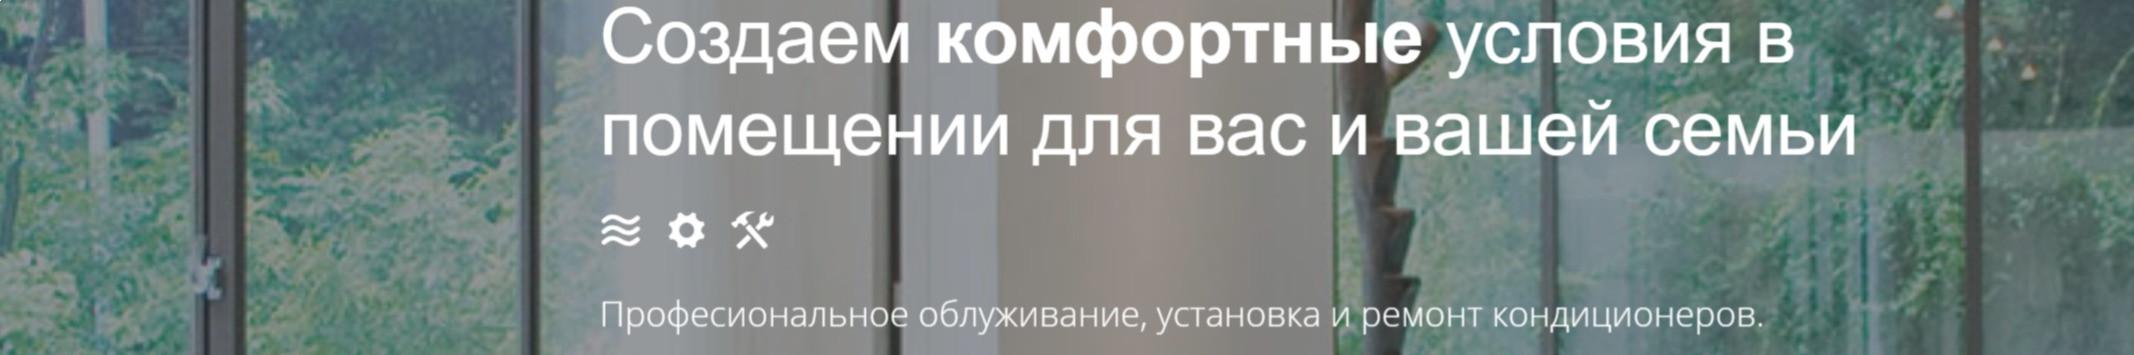 Услуги кондиционирования - Ремонт кондиционеров